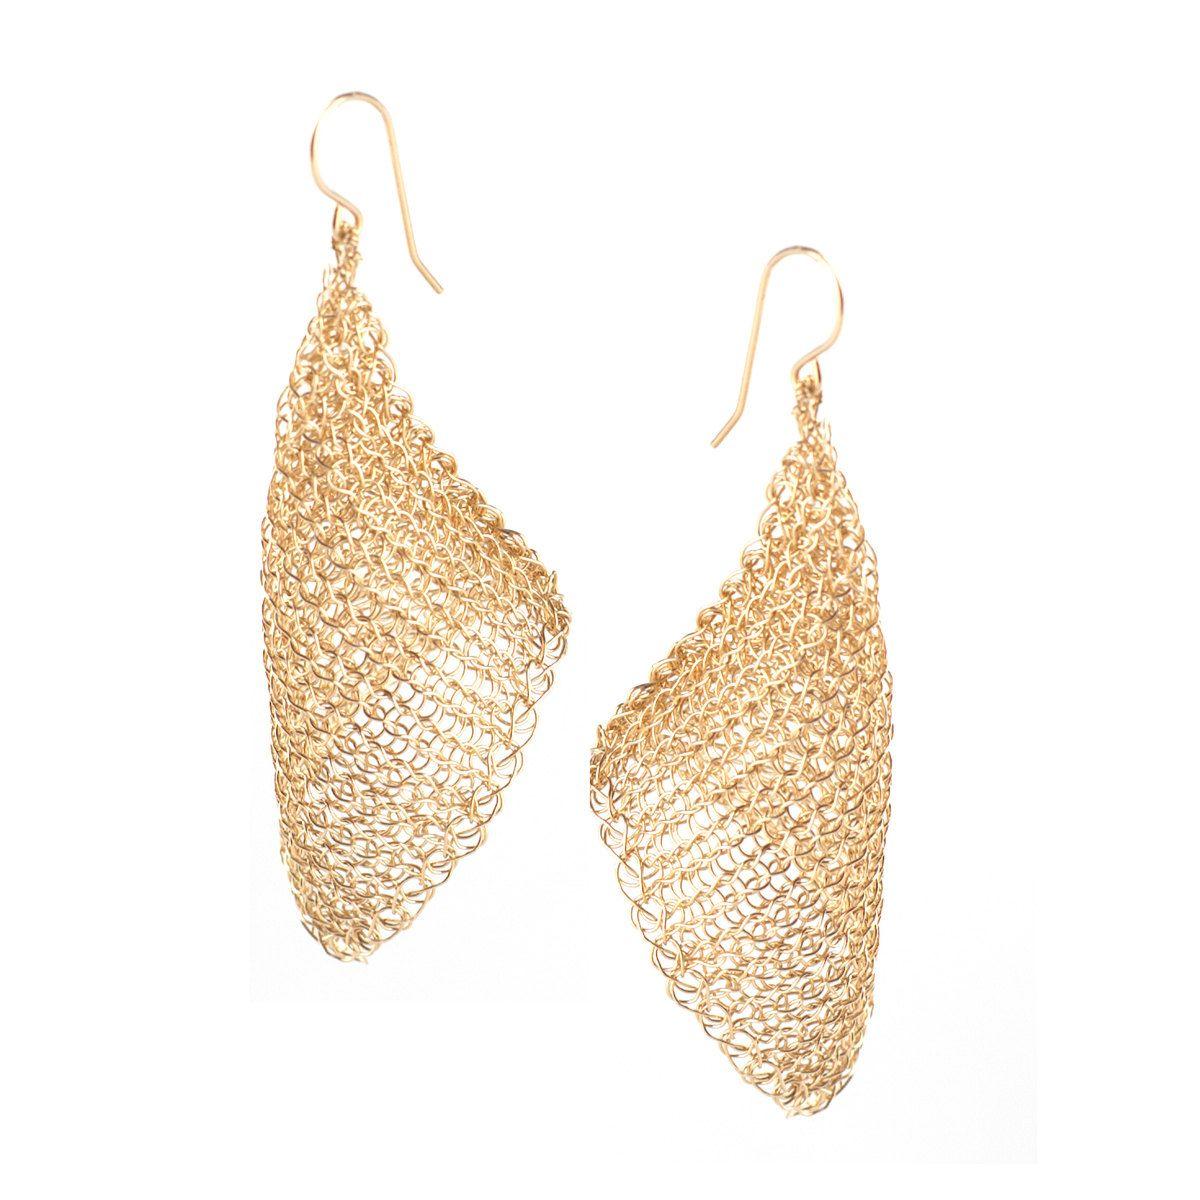 Calla Lily earrings - Organic Earrings - Wire Crochet Jewelry ...